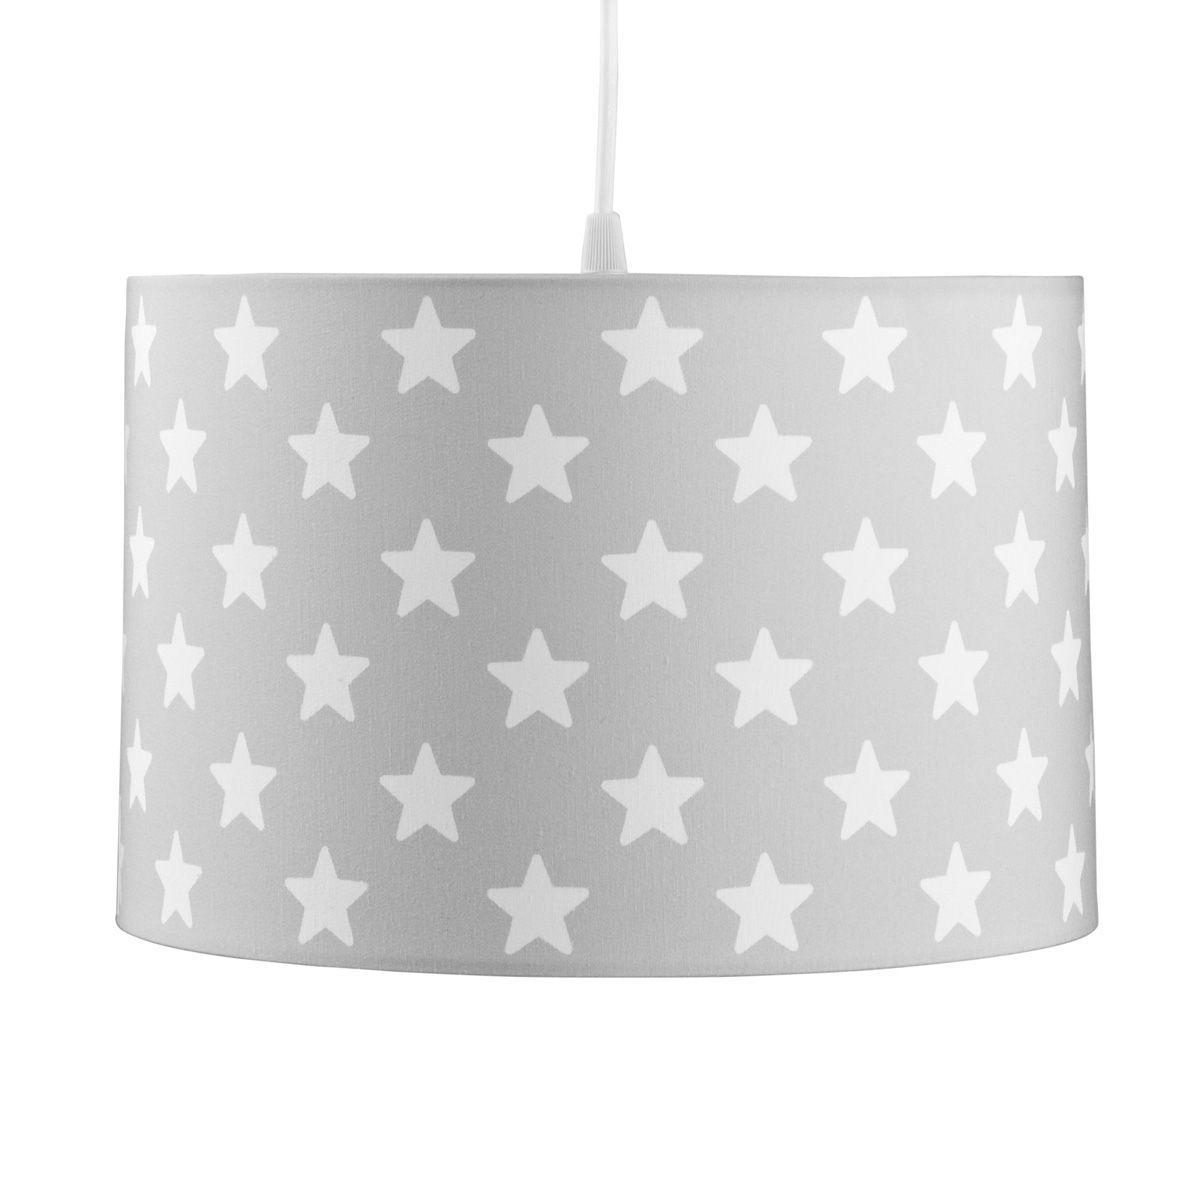 Die Kinderzimmerlampe von Kids Concept in grau mit weißen Sternen ...